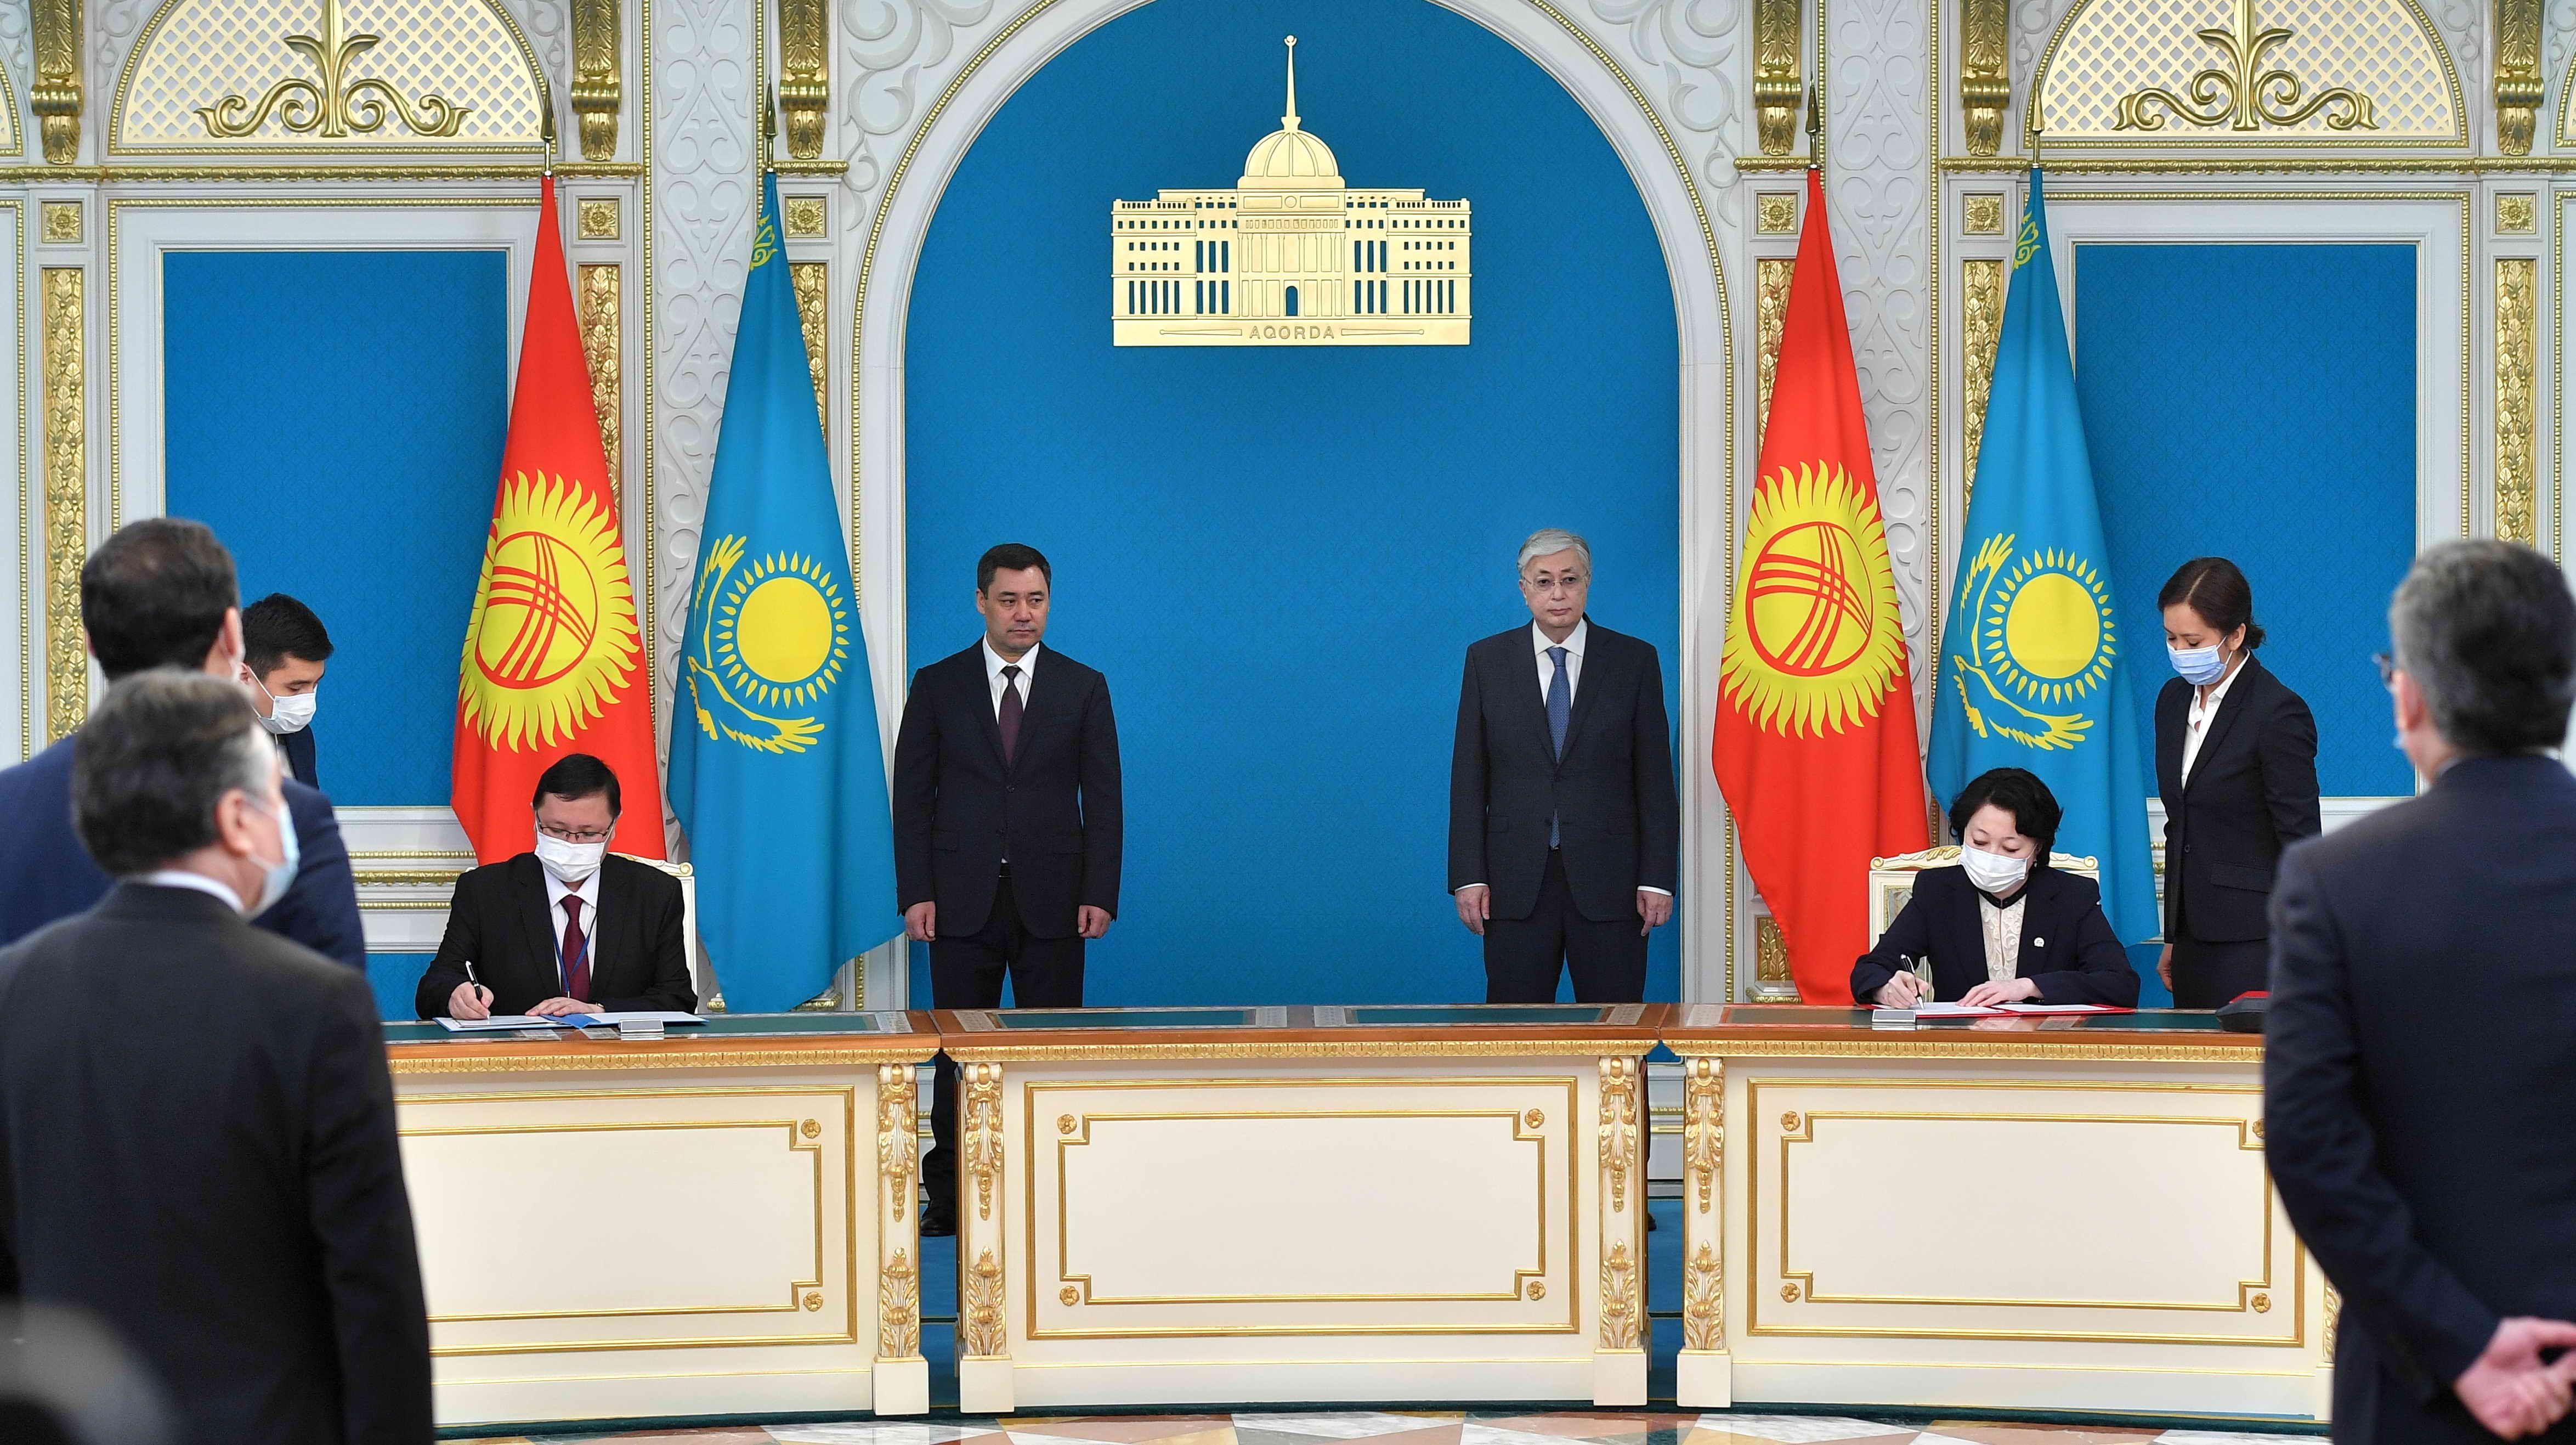 Казахстан и Кыргызстан договорились о расширении деловых связей  637533 - Kapital.kz